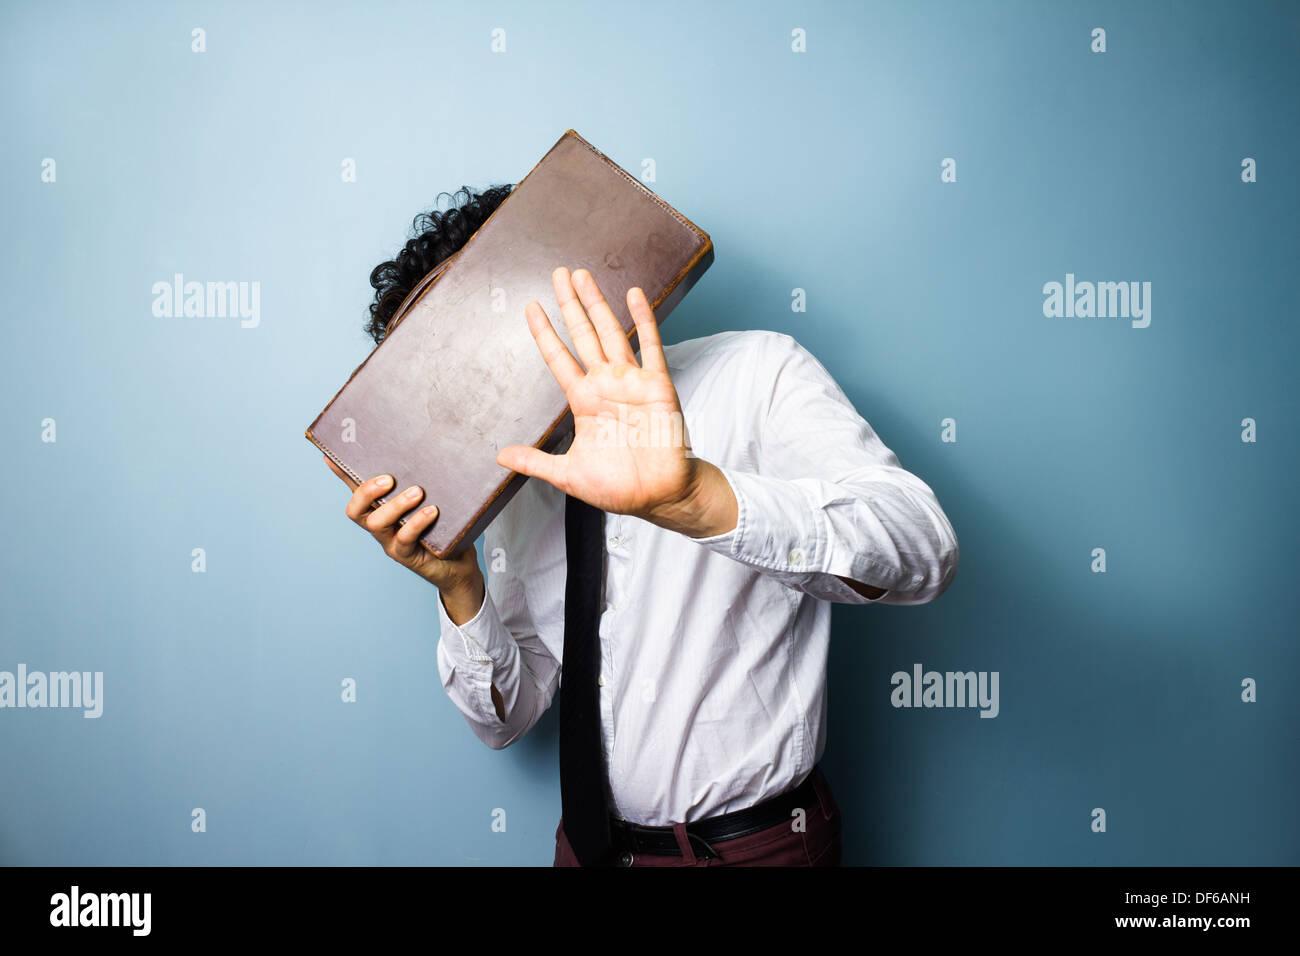 Jeune homme ne veut pas que sa photo prise et se cache son visage derrière un porte-documents Photo Stock